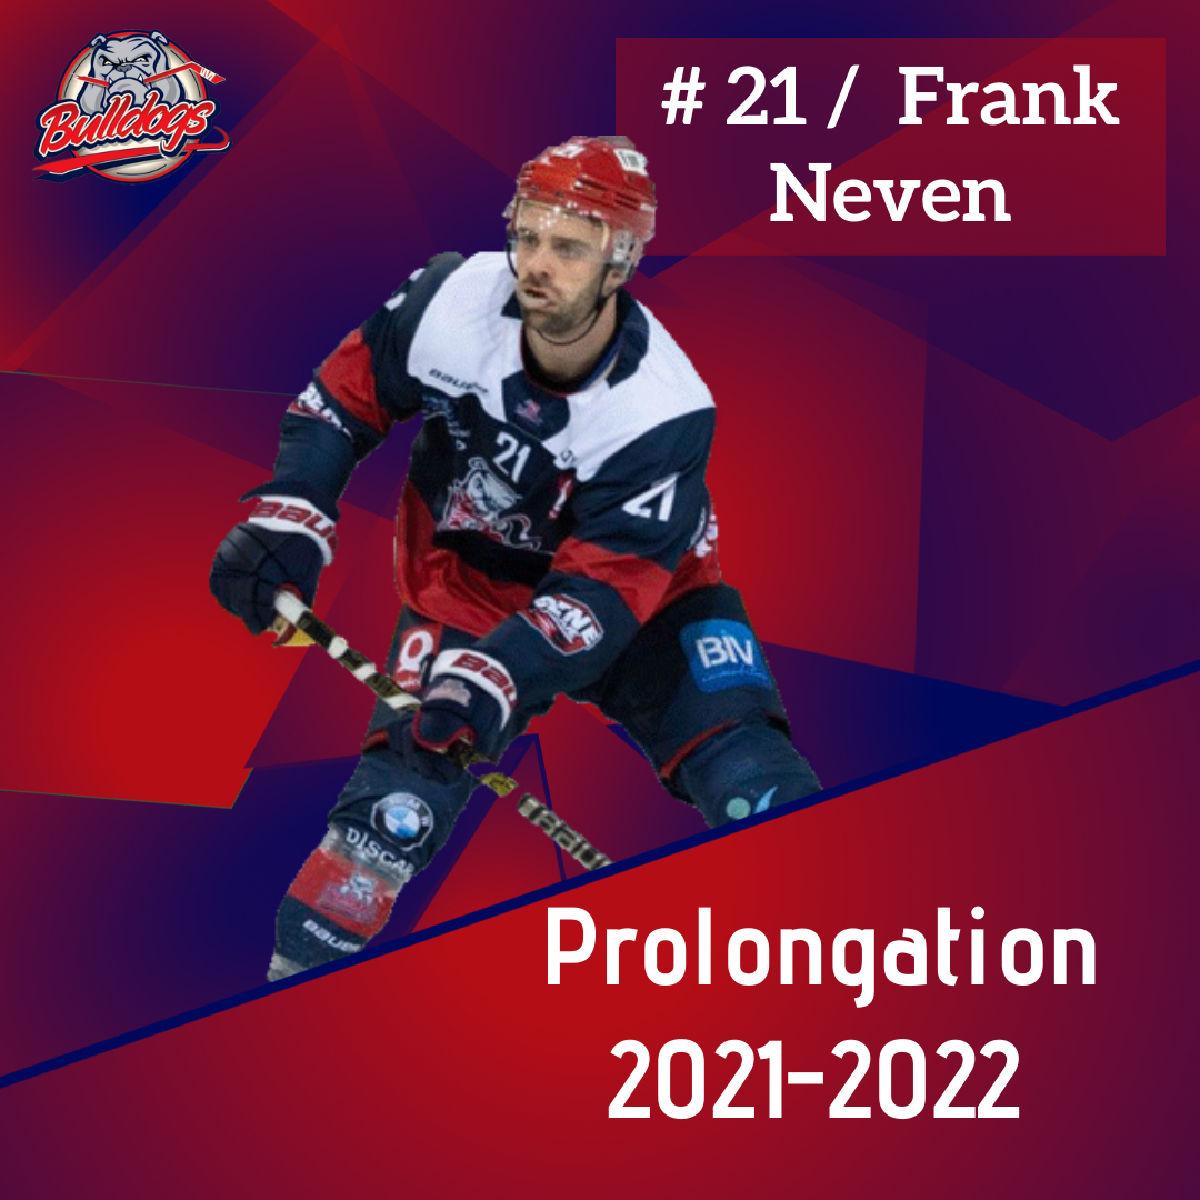 9ème saison pour Frank Neven chez les Bulldogs de Liège